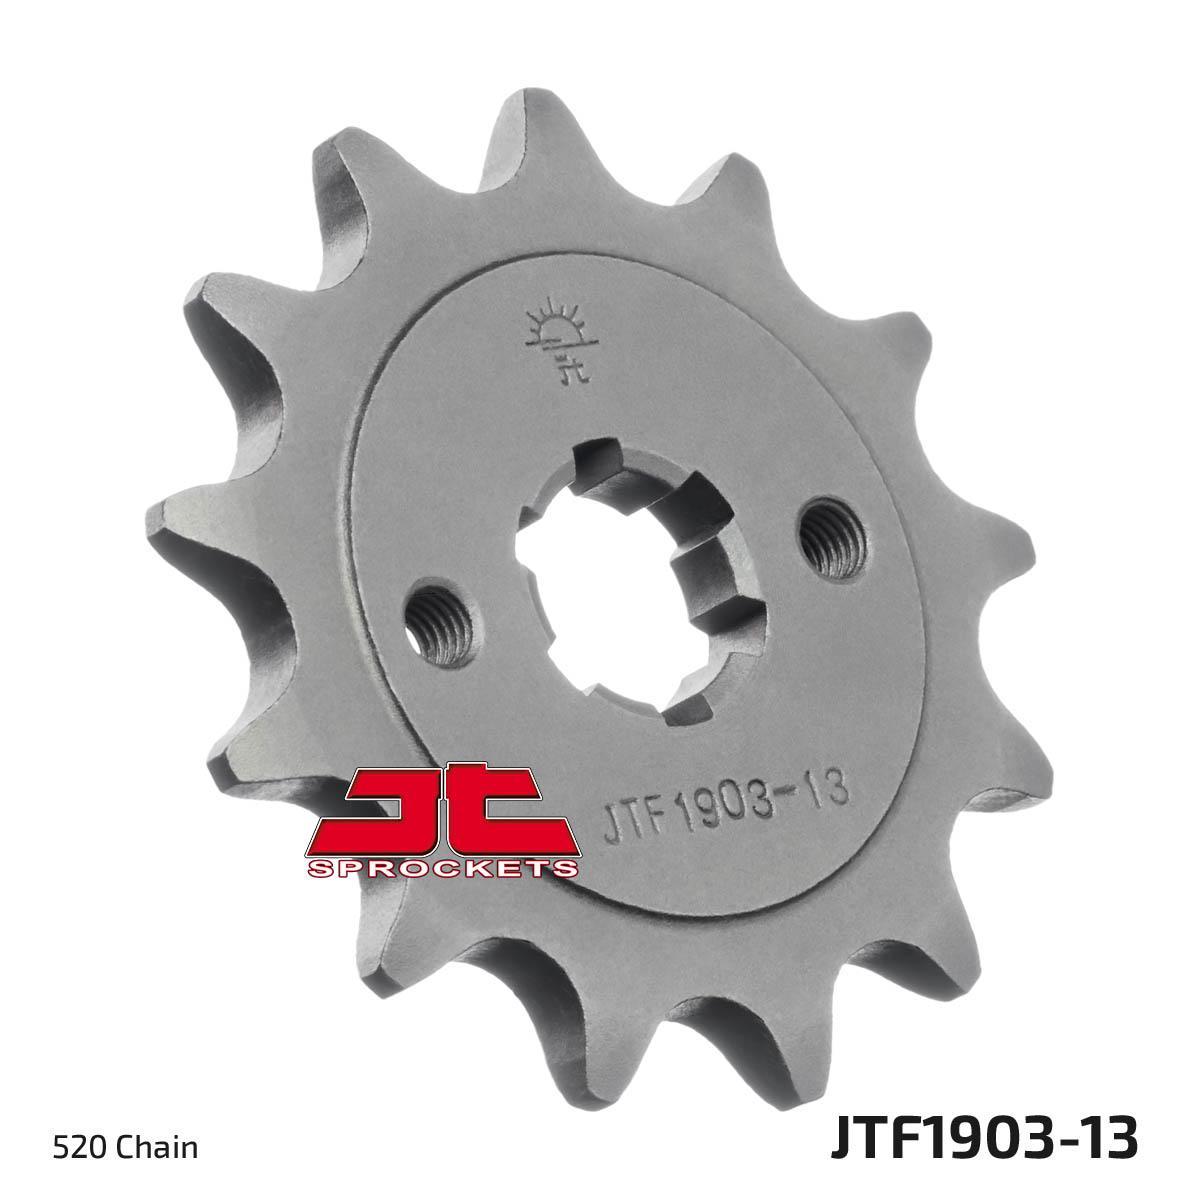 Piñón para cadena JTF1903.13 a un precio bajo, ¡comprar ahora!